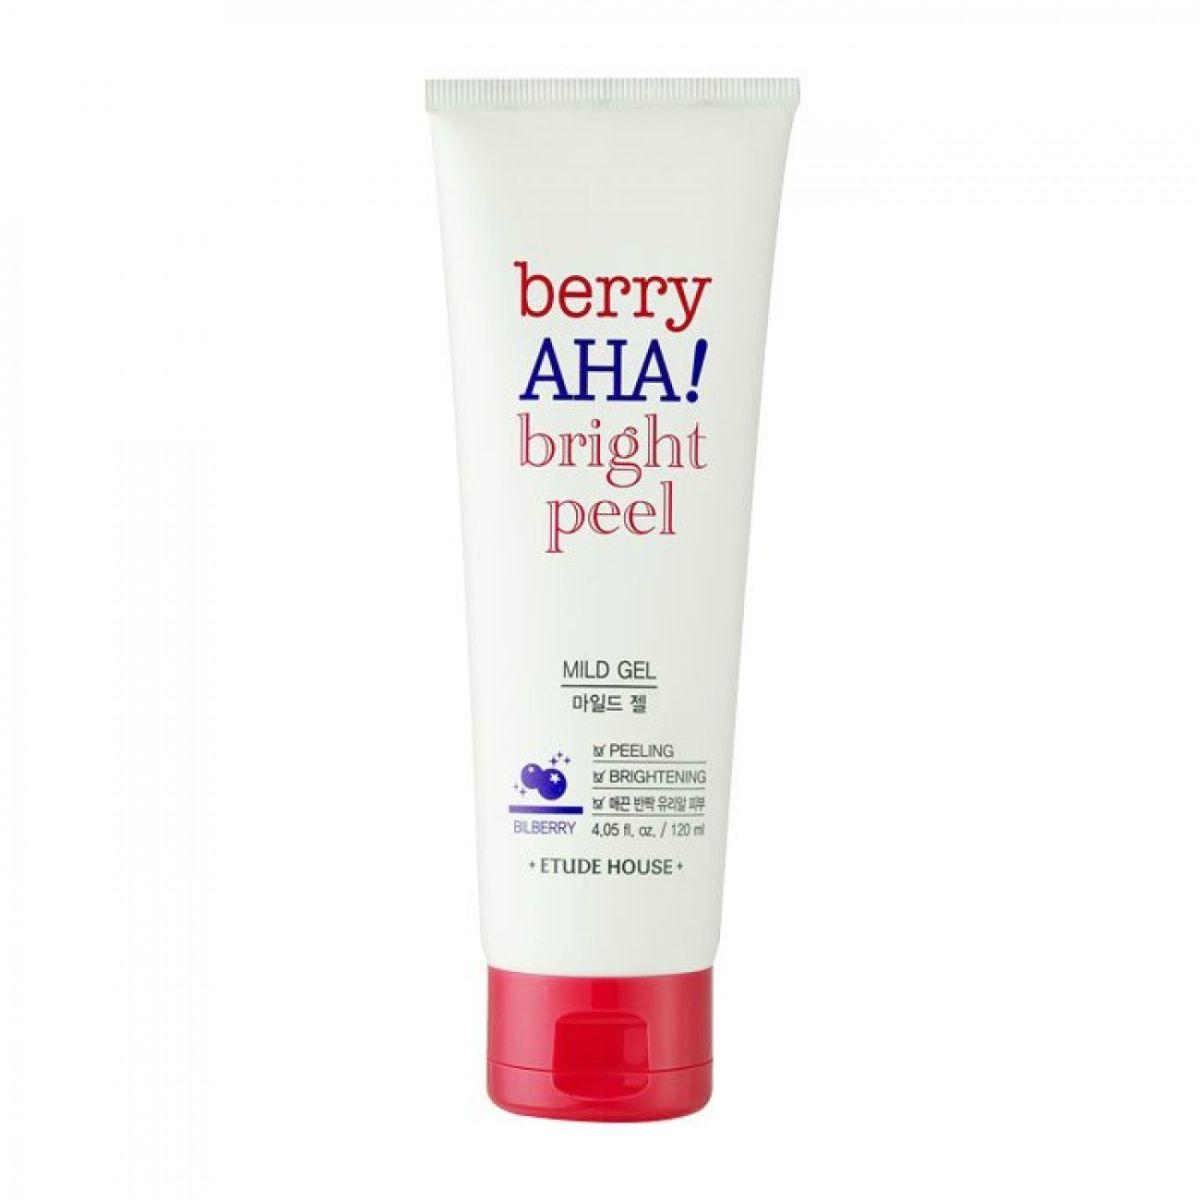 Пилинг-гель для лица с AHA-кислотами ETUDE HOUSE Berry AHA Bright Peel Mild Gel - 120 мл